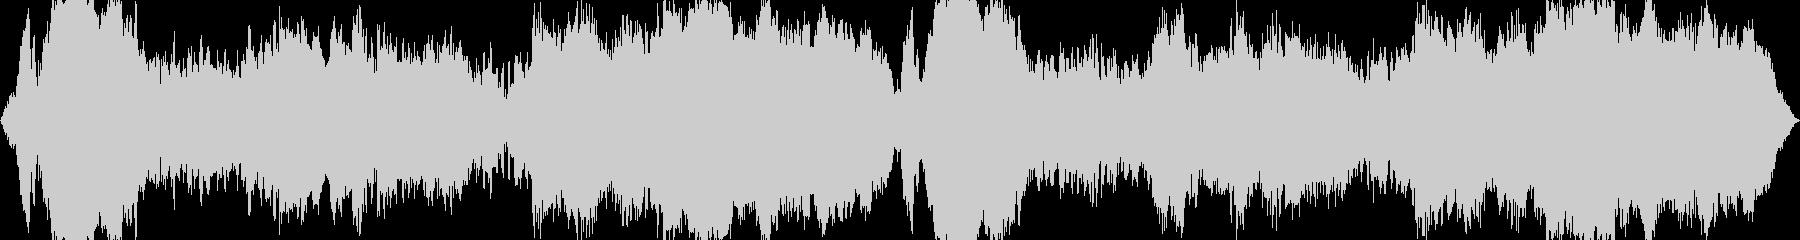 怖い話・怪談・ホラー用BGM(水系)の未再生の波形